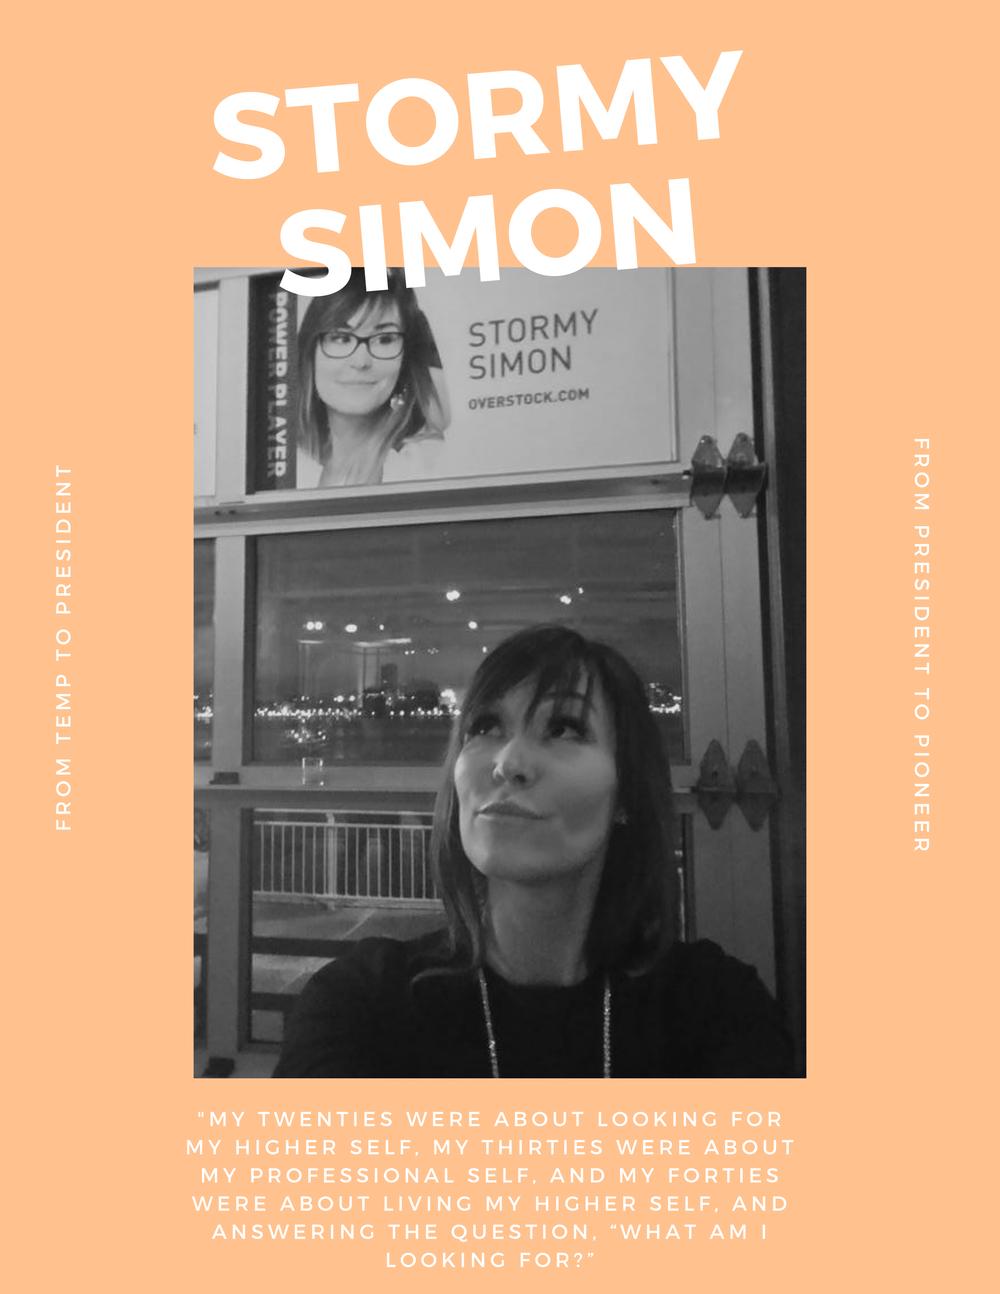 stormy simon